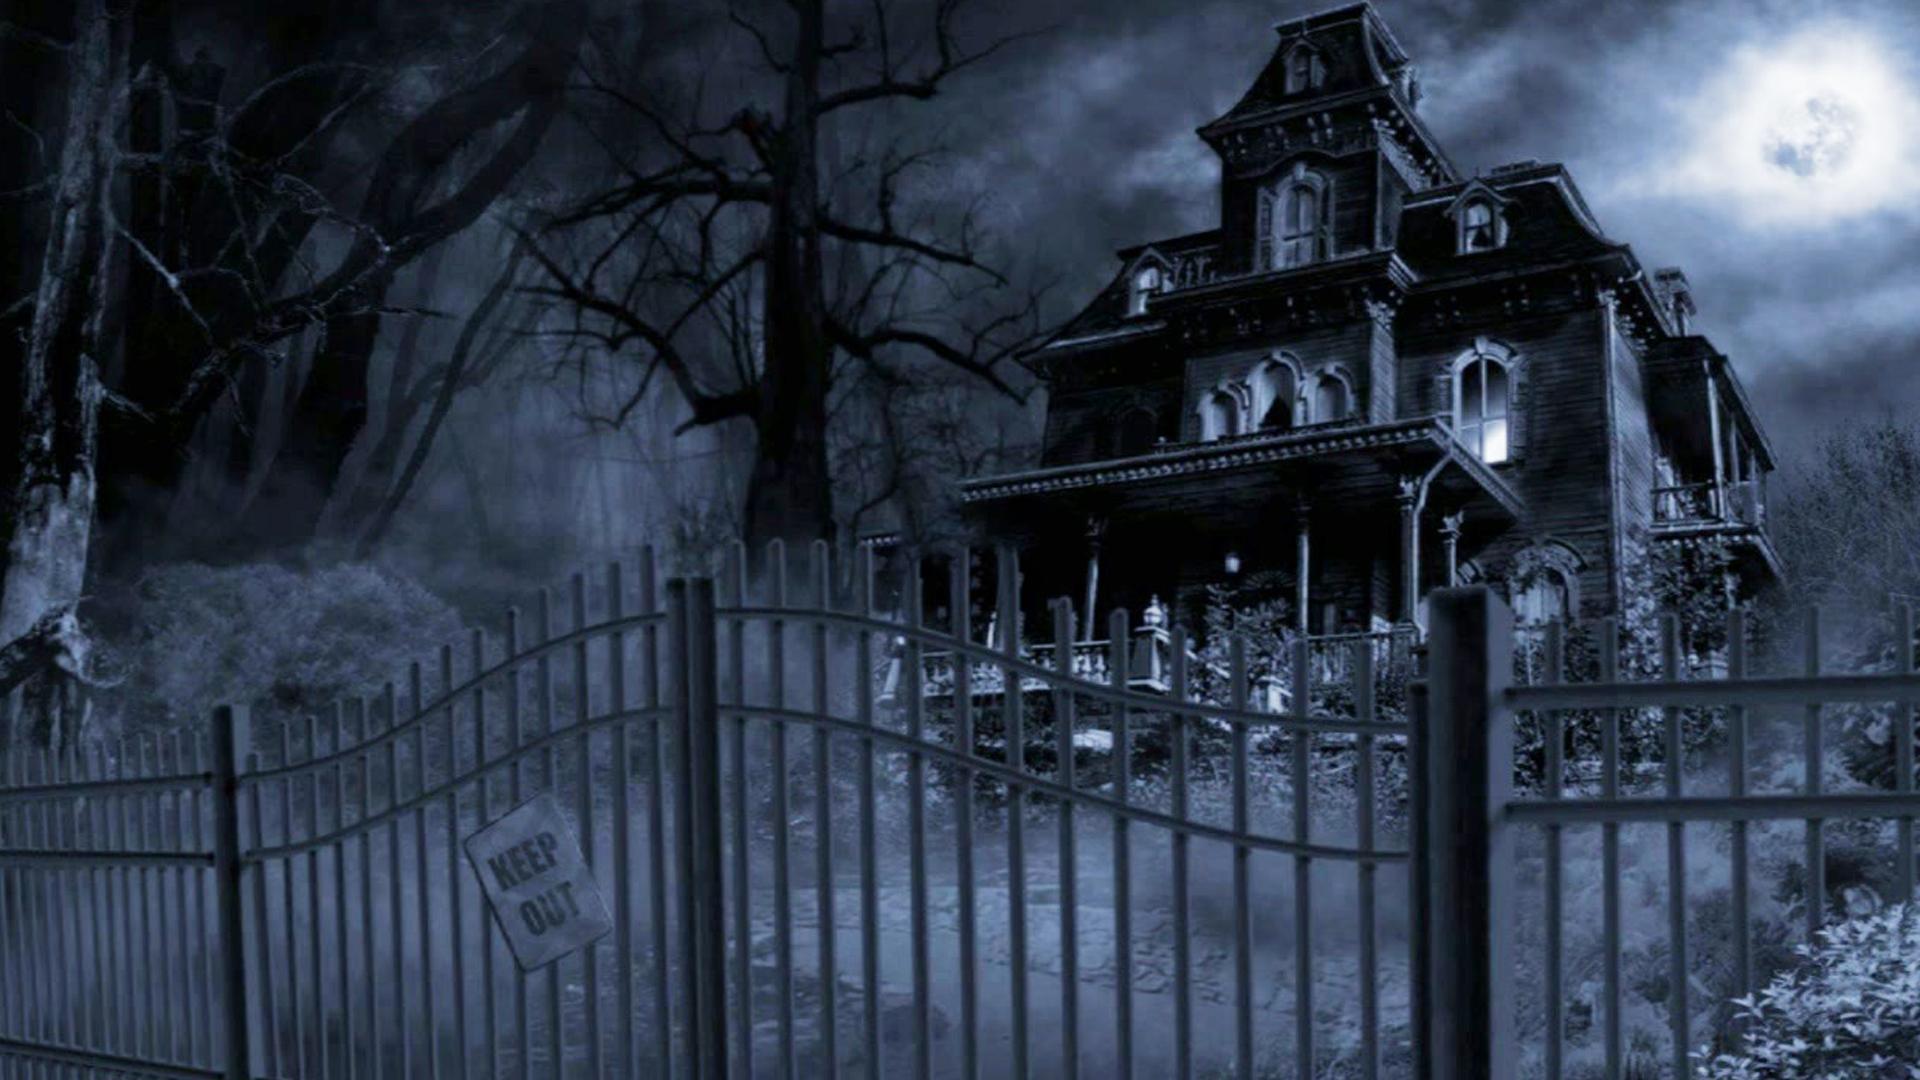 恐怖阁楼半夜出现诡异声音,真的是鬼魂作祟?专家:热胀冷缩!